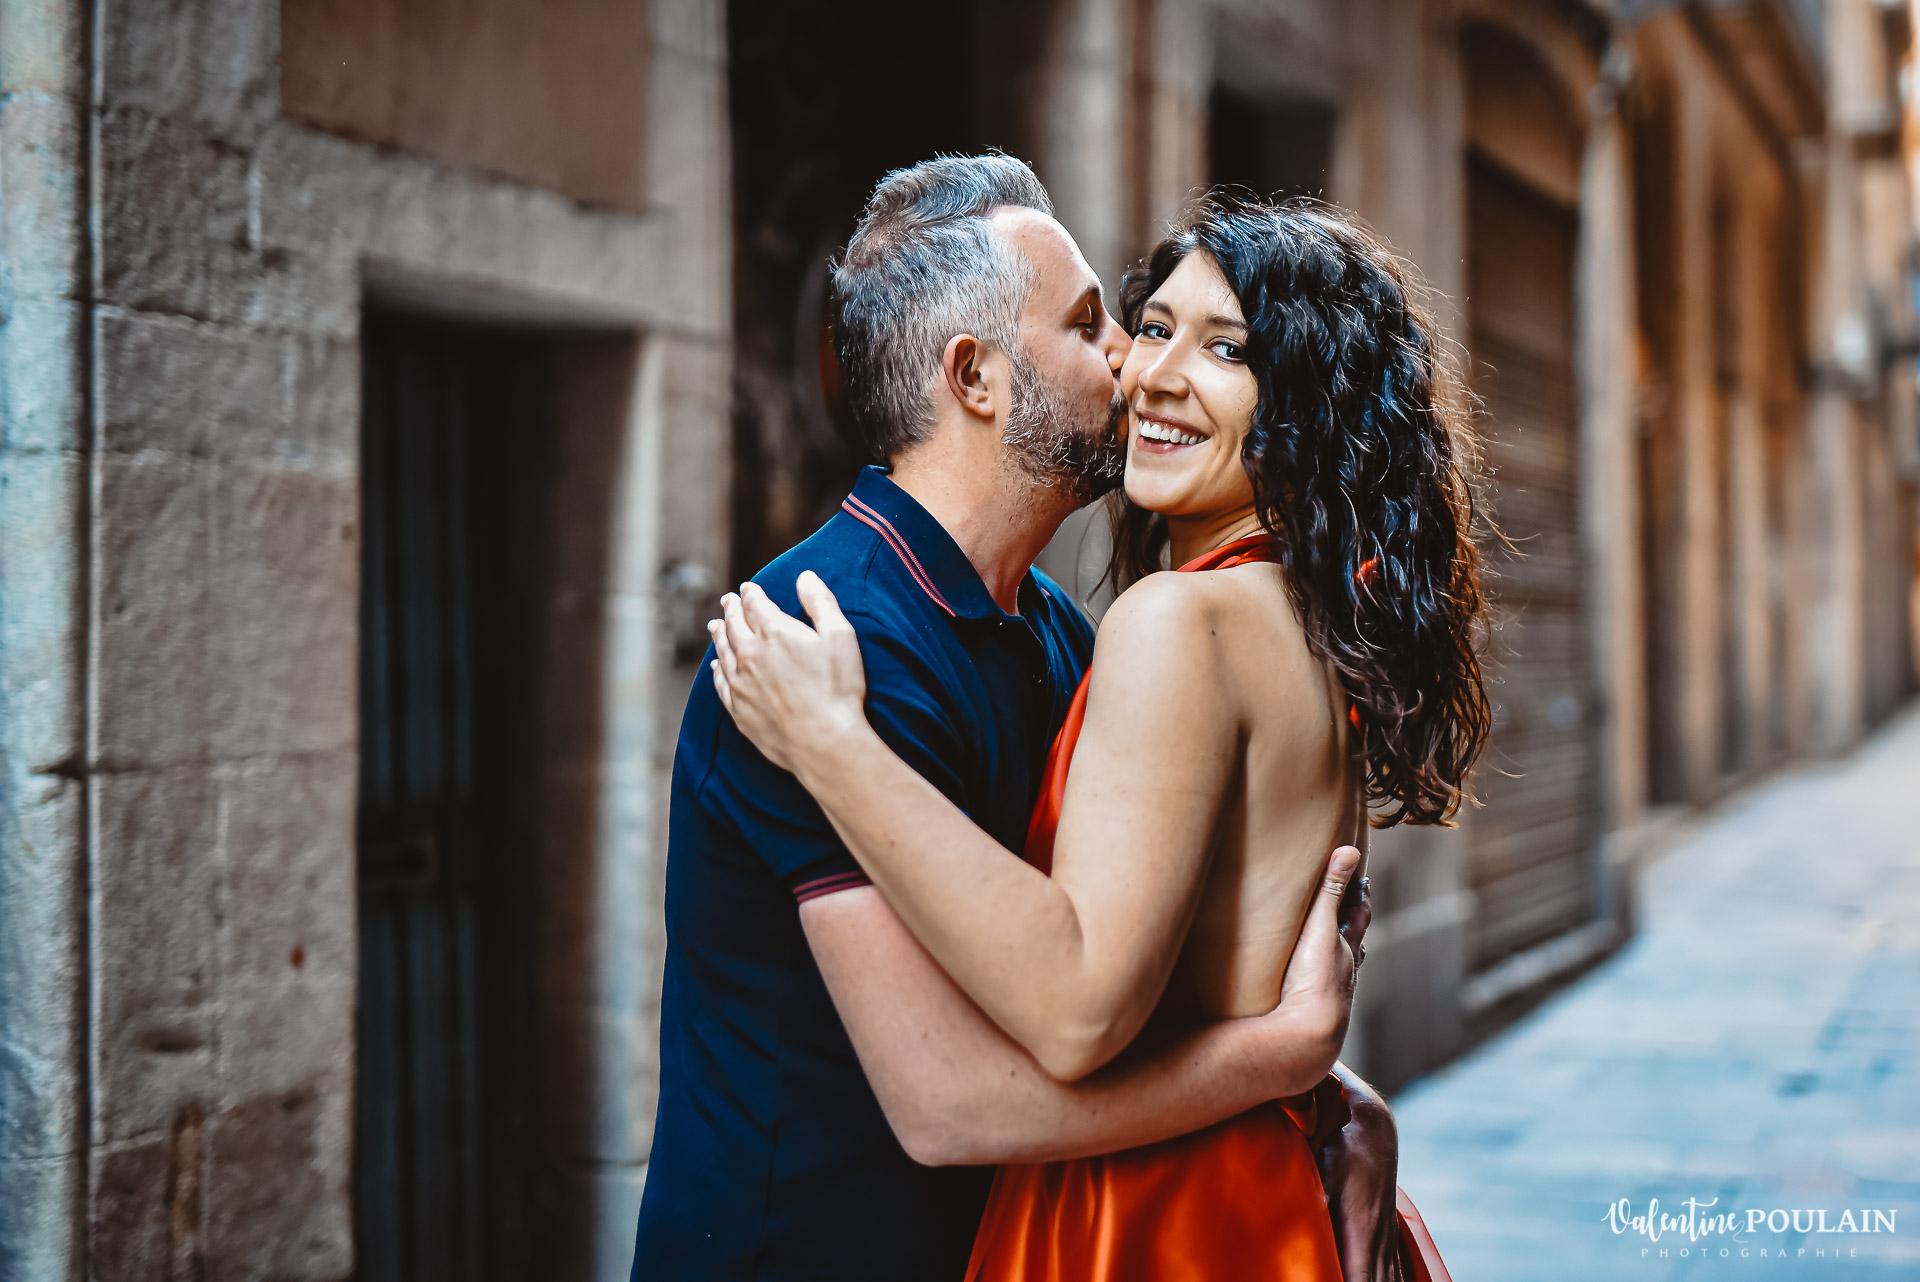 Séance photo couple Barcelone - Valentine Poulain baiser